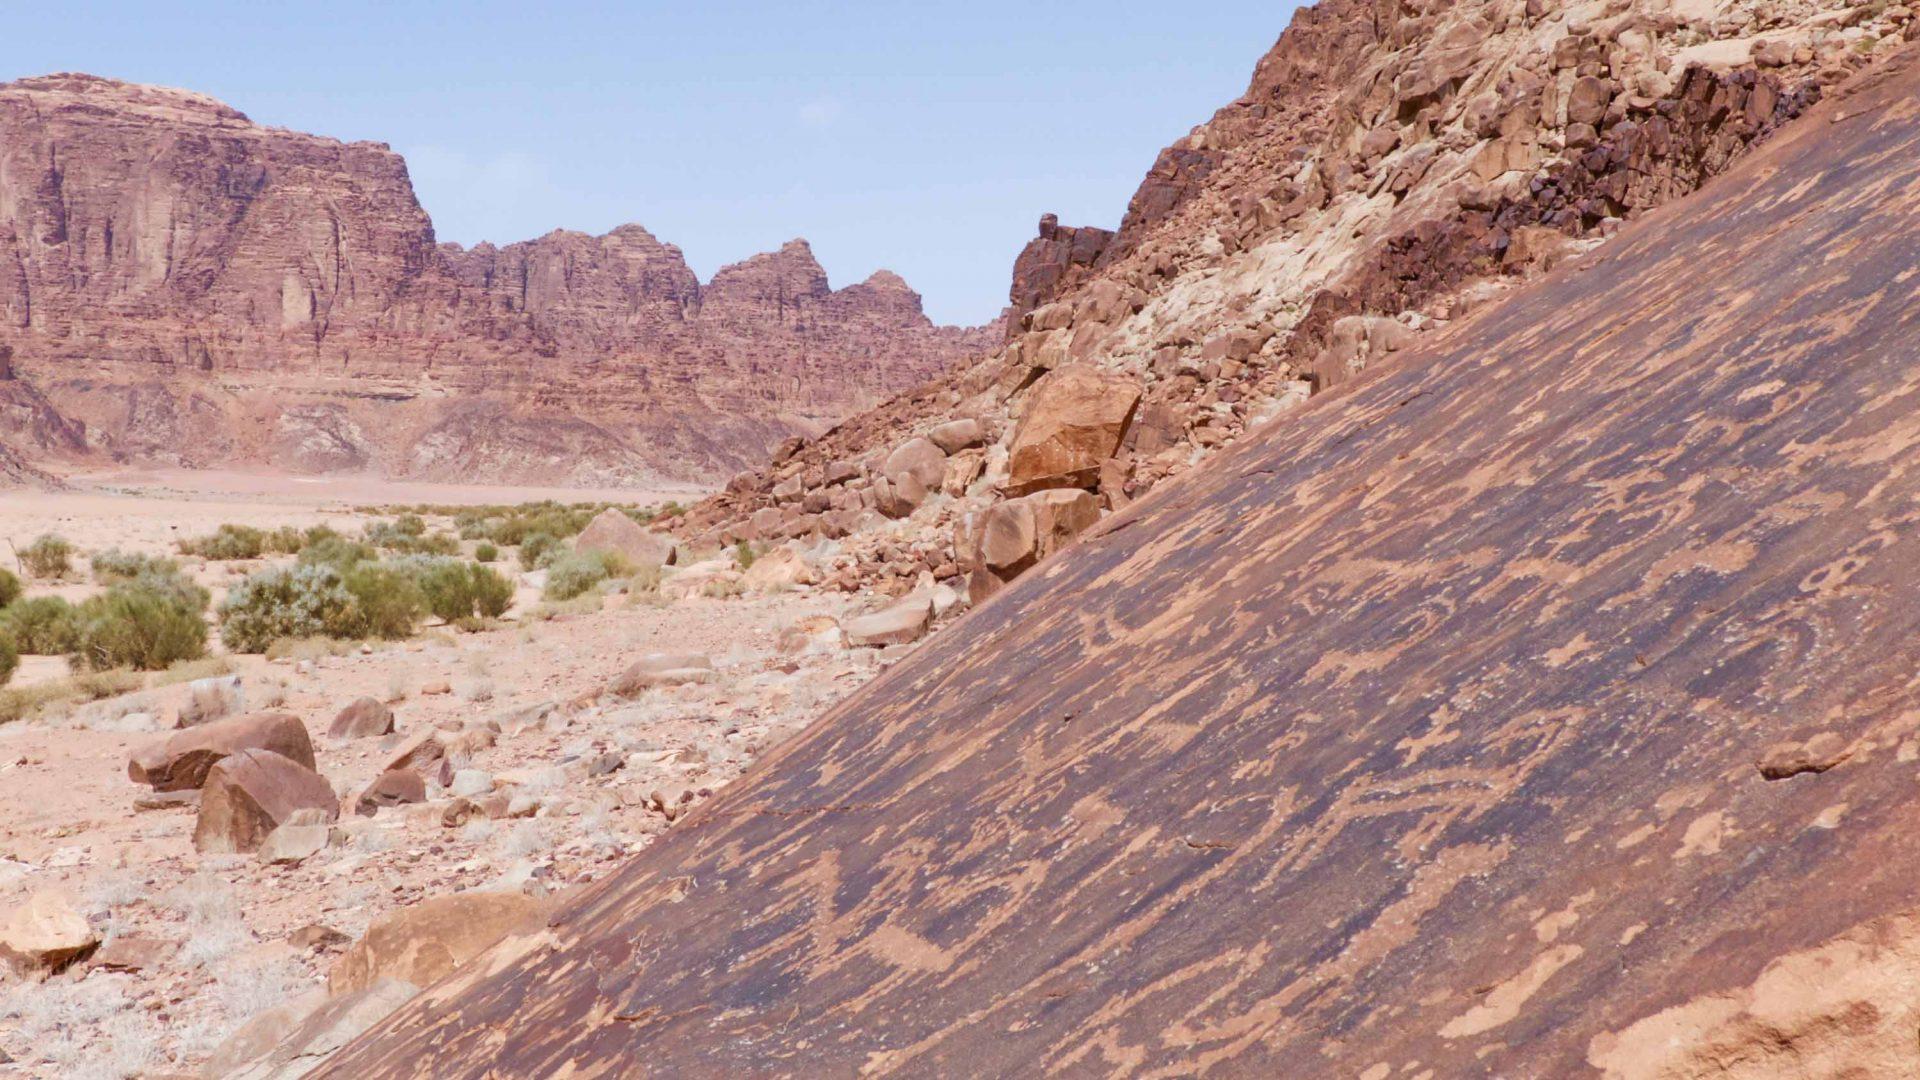 Petroglyphs in Wadi Rum, Jordan.